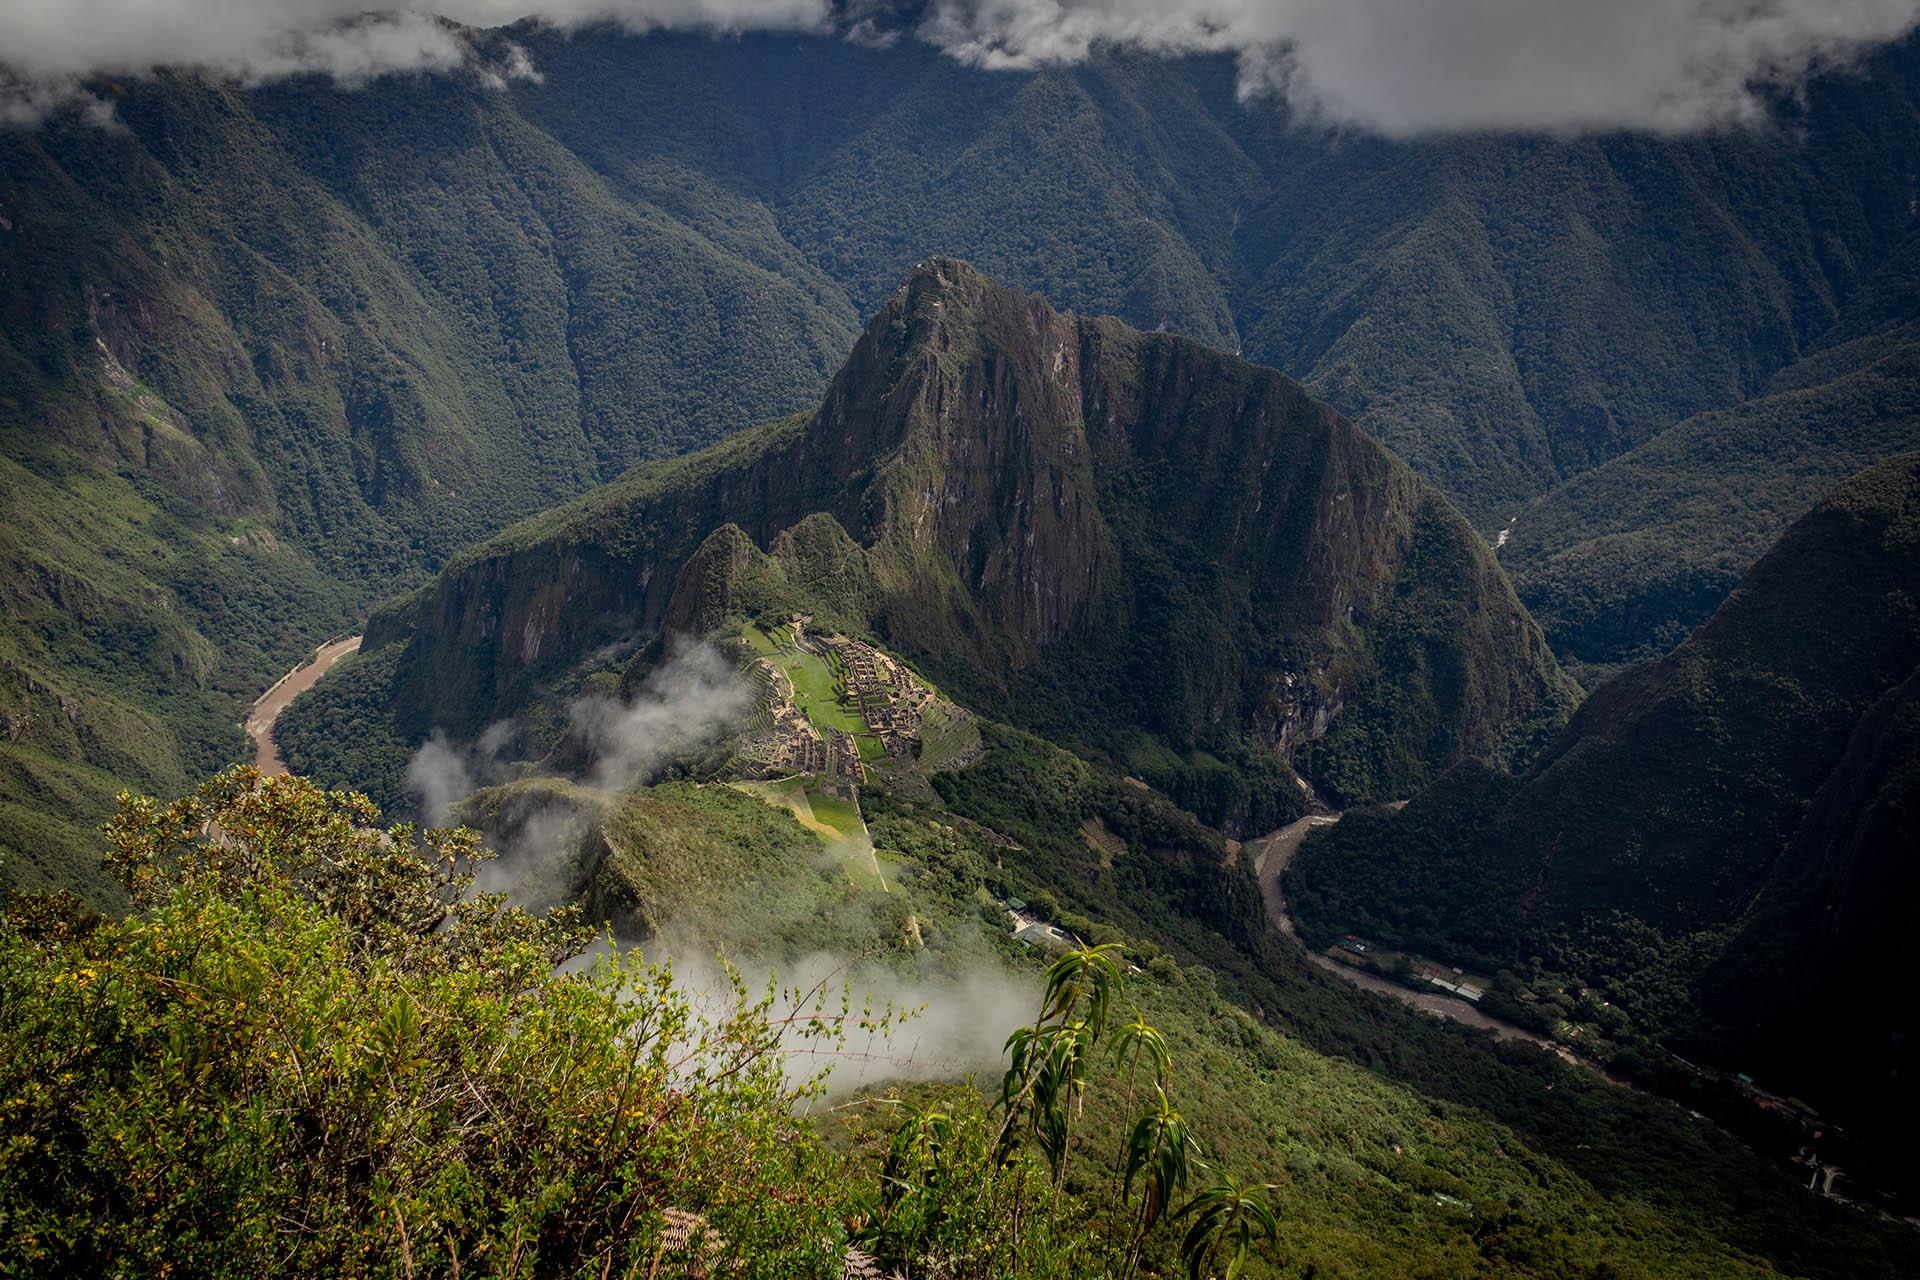 Machu Picchu gezien vanaf Machu Picchu Mountain, met Huayna Picchu op de achtergrond.